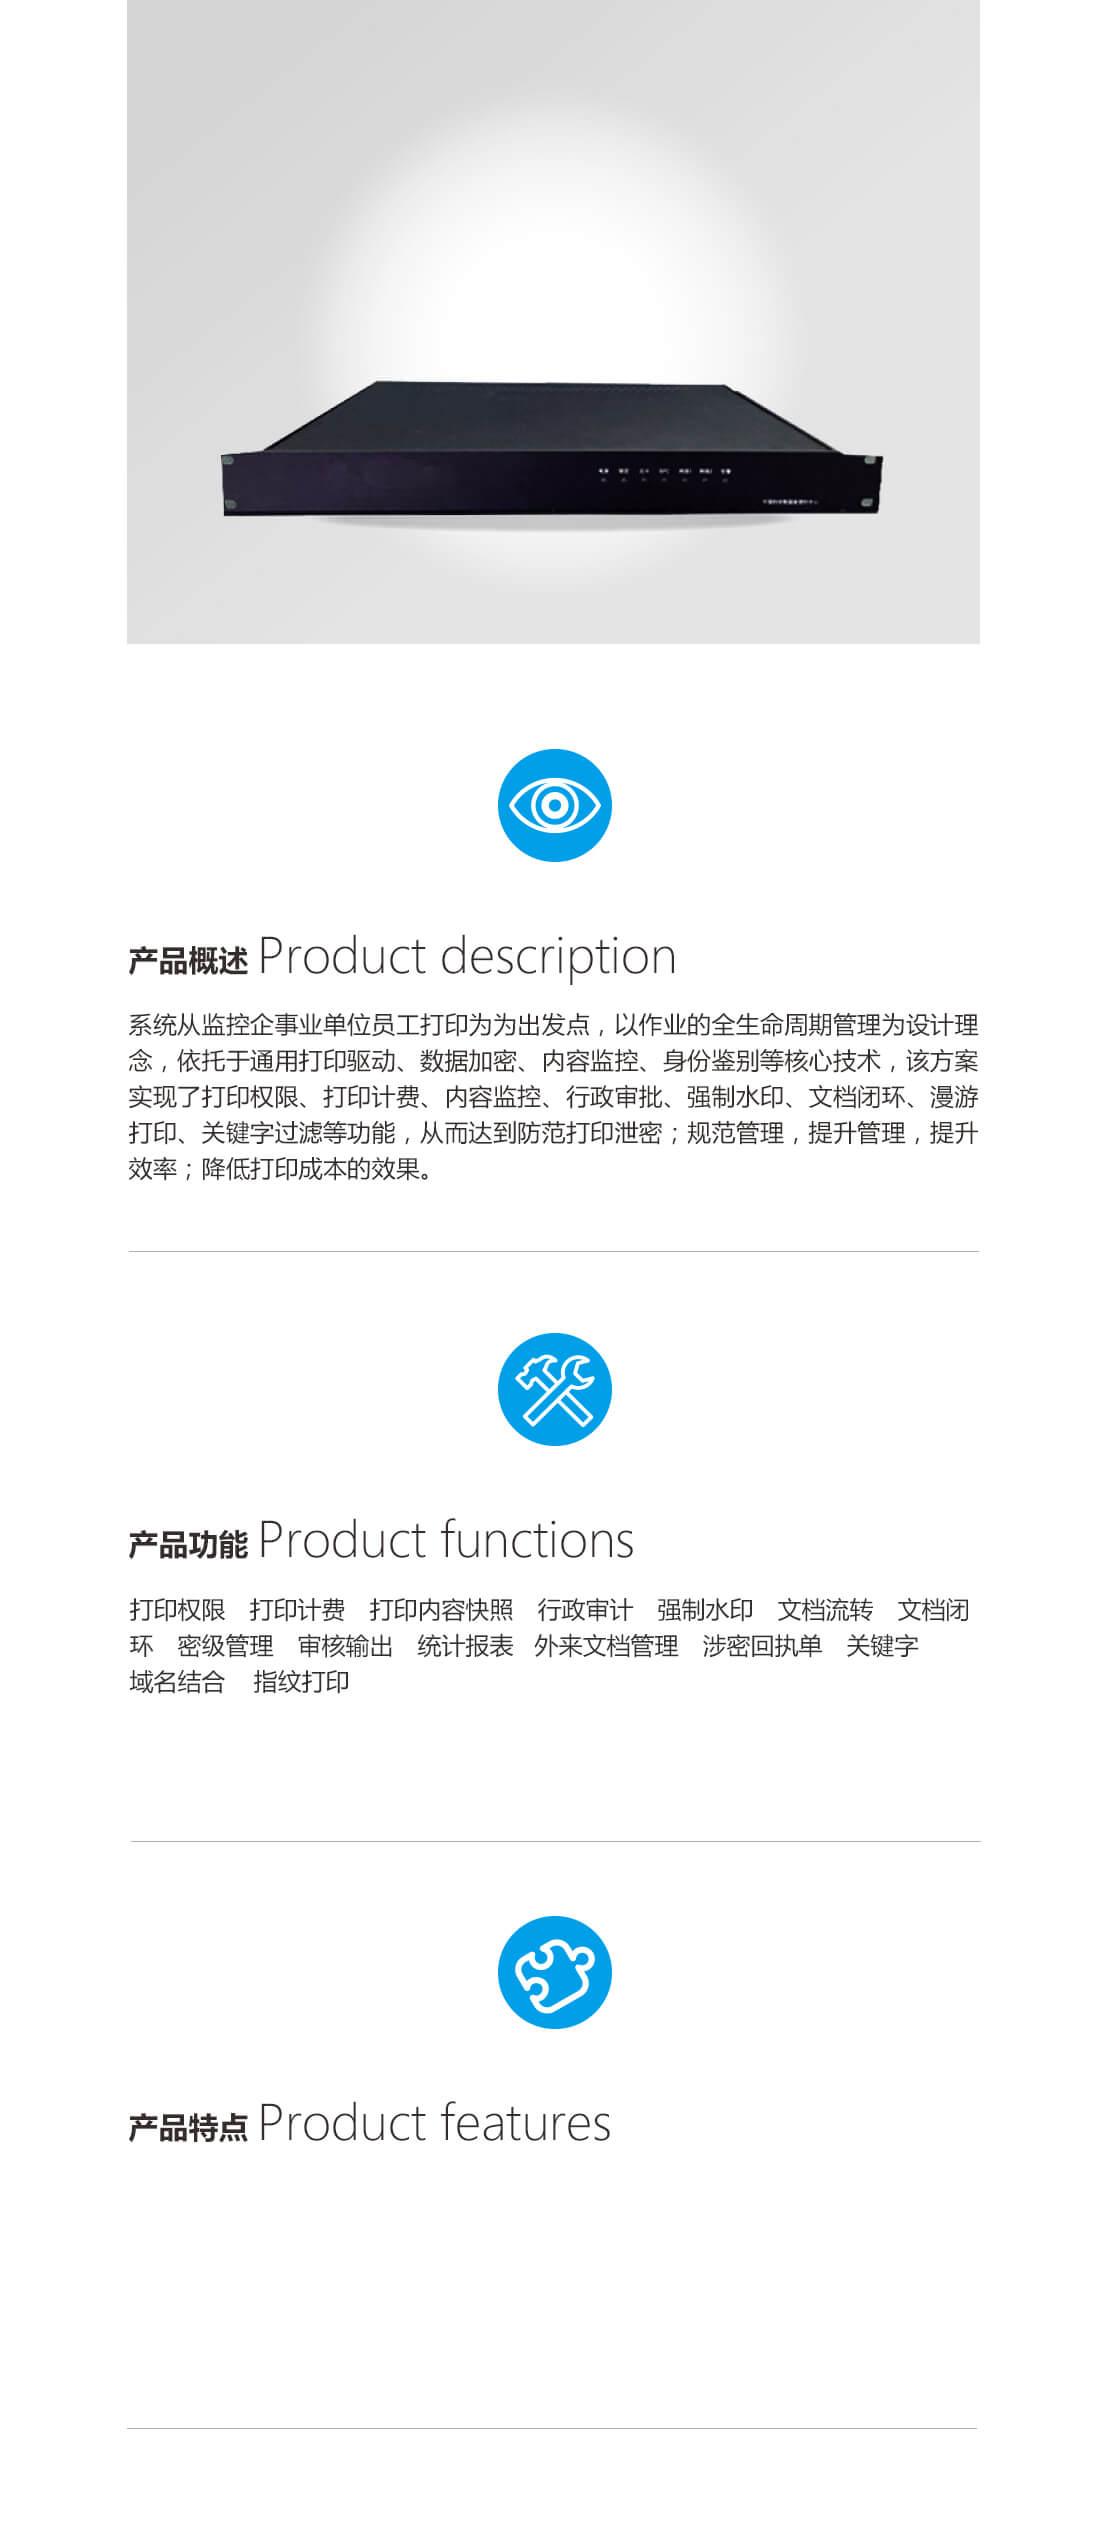 安普锐打印审计系统.jpg